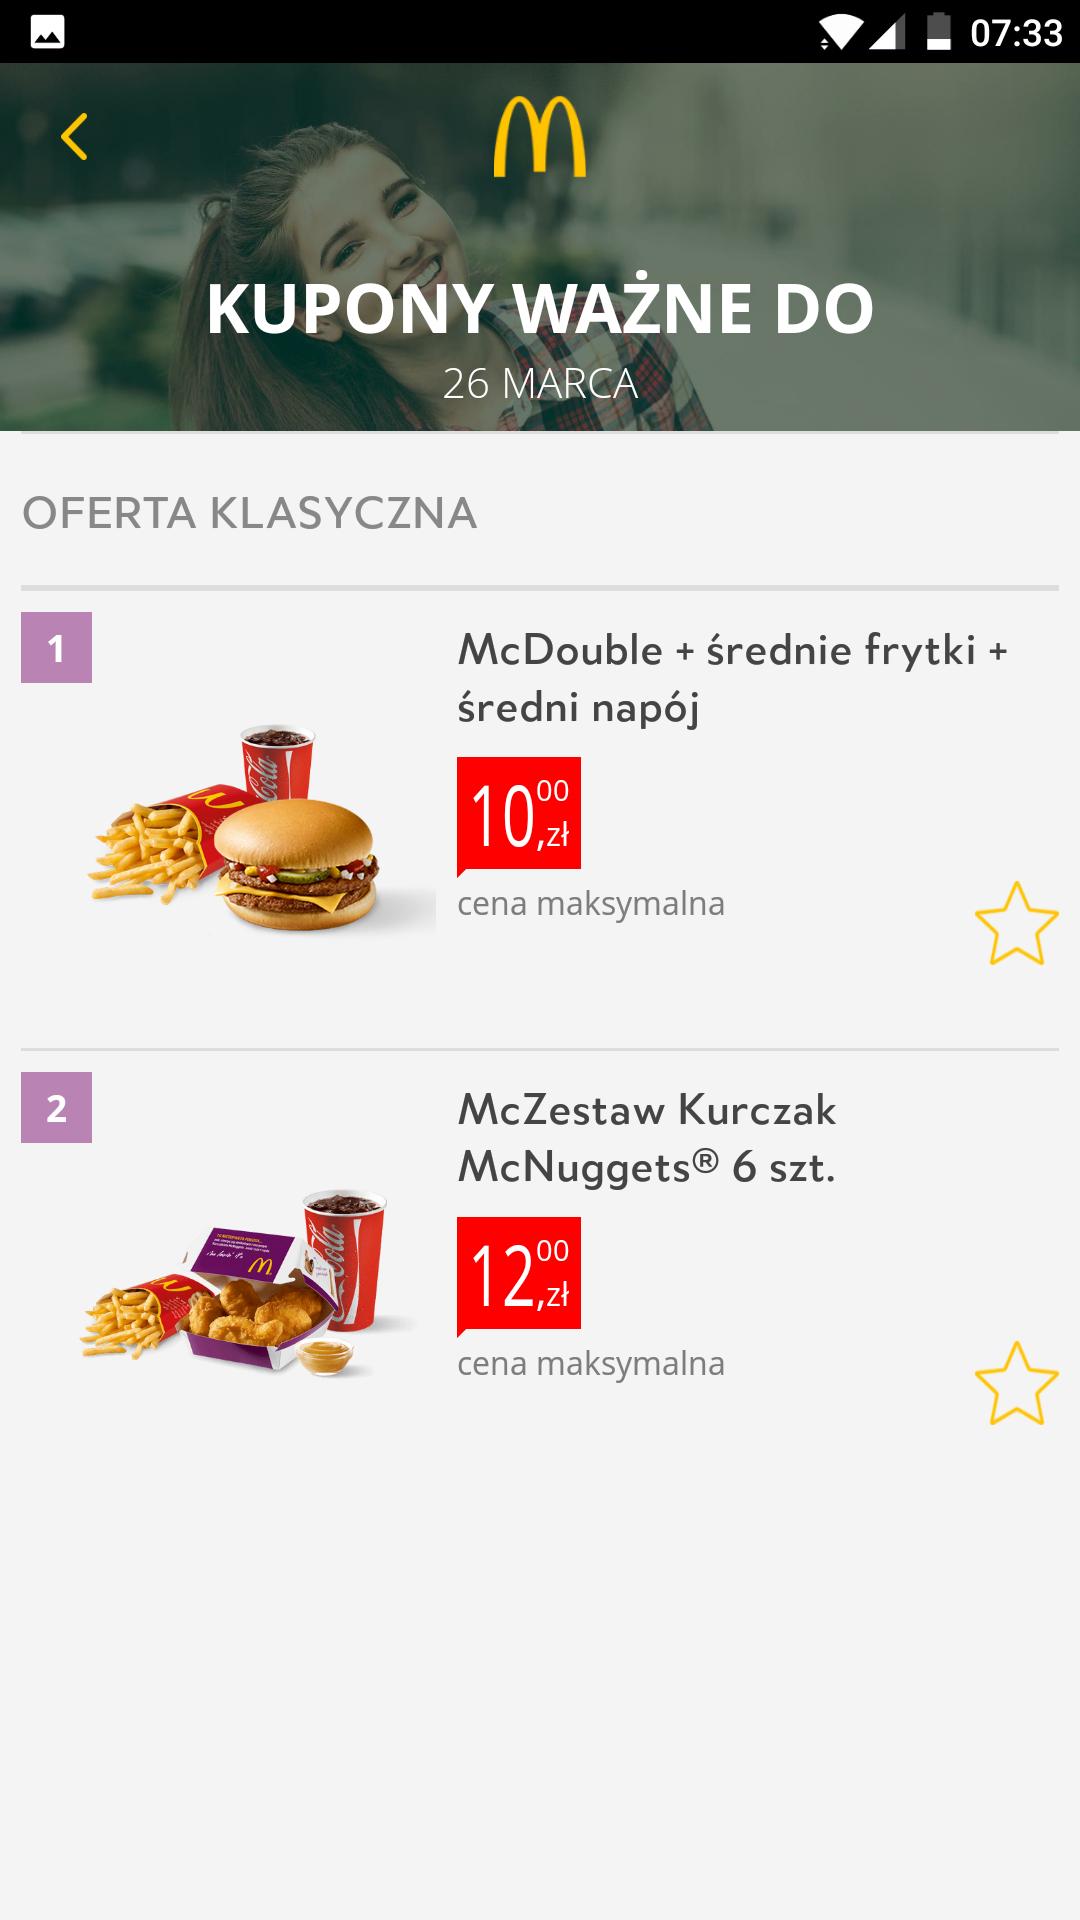 Dwa kupony McDonald's